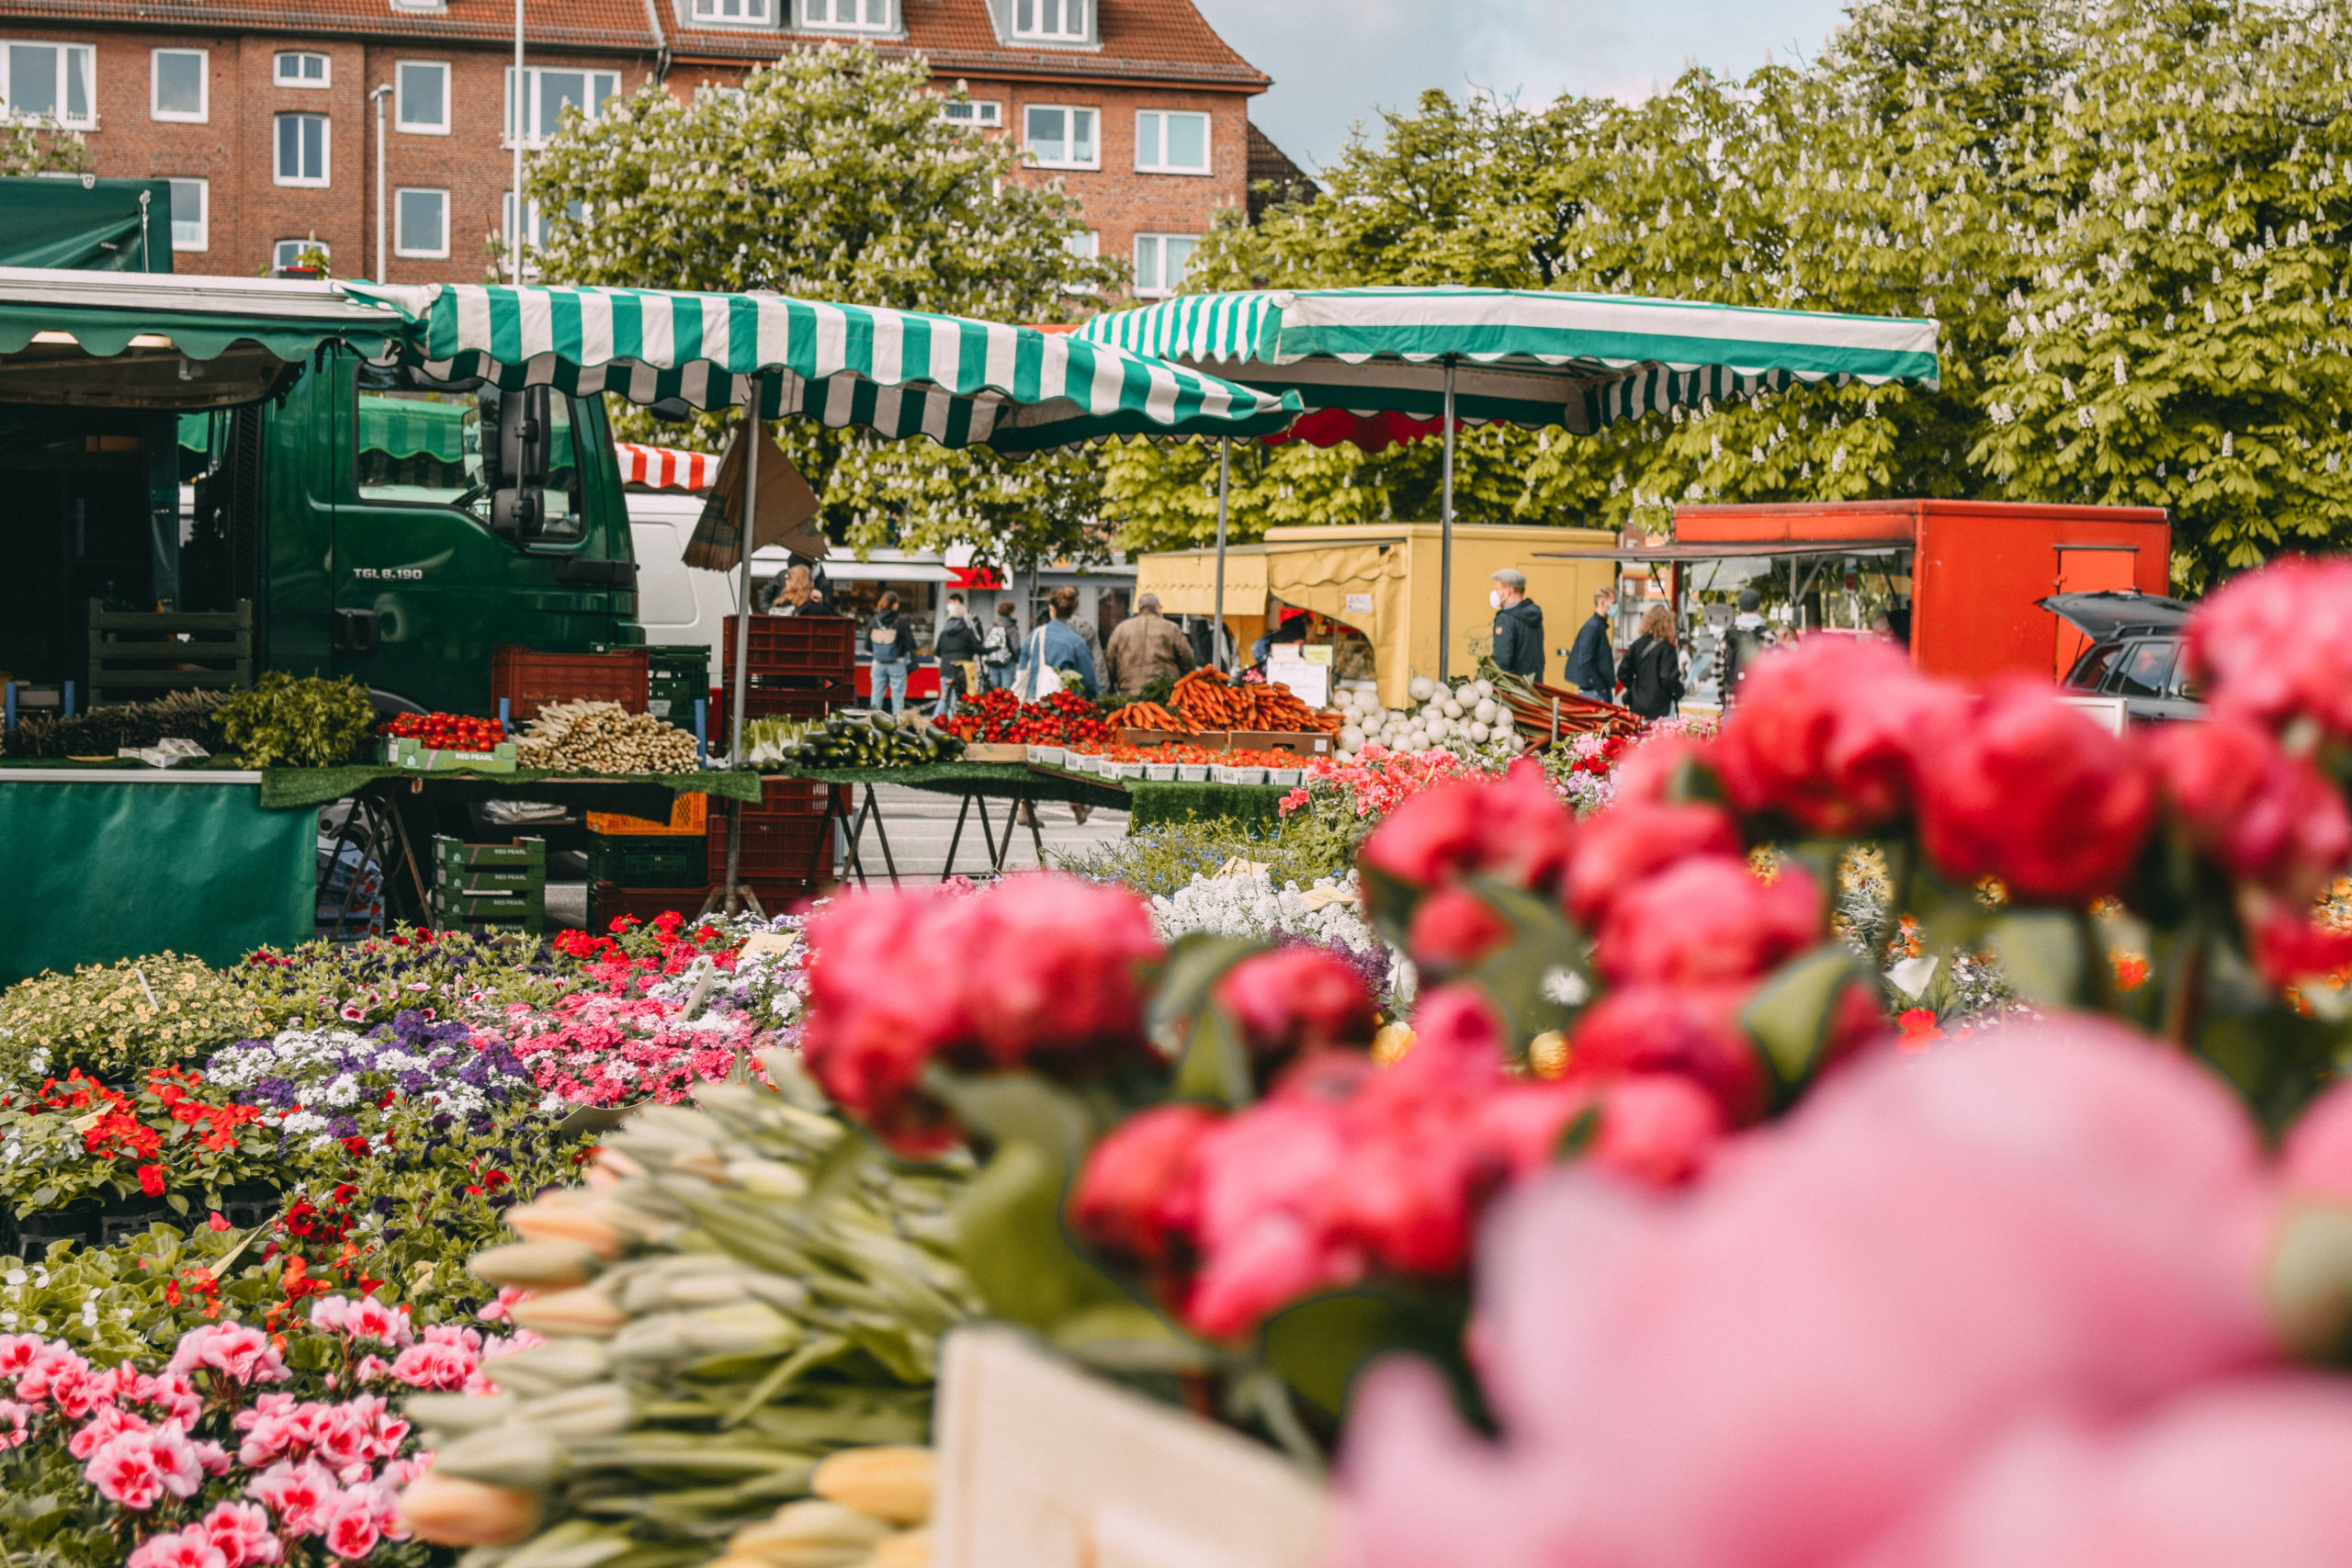 Markt Blumenstand